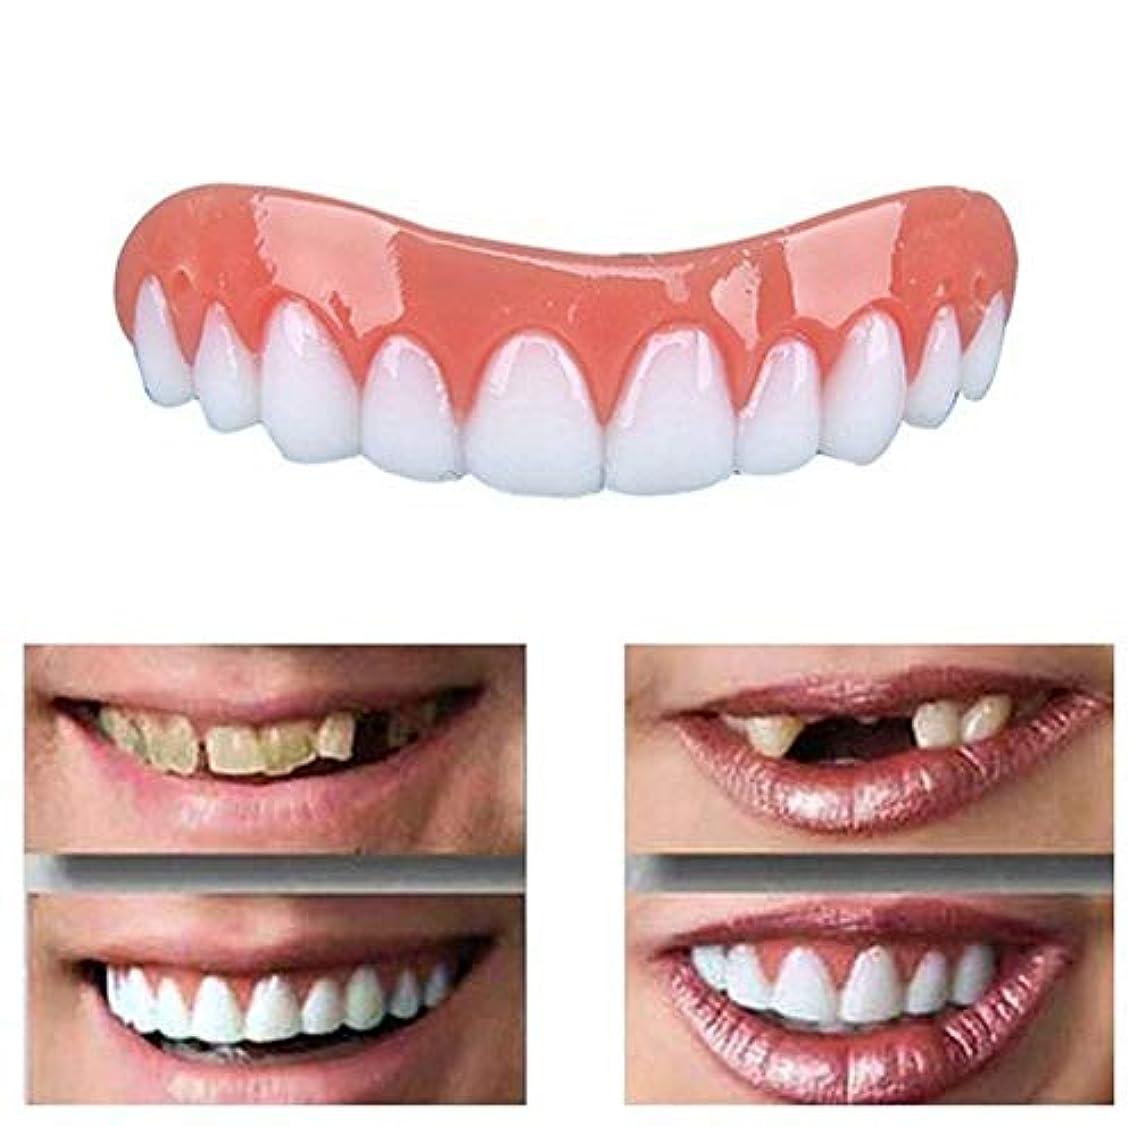 遺伝的ビジネス読み書きのできないキットの歯セットの化粧品の上部のベニヤを白くする歯の微笑のベニヤのシリコーンの訂正